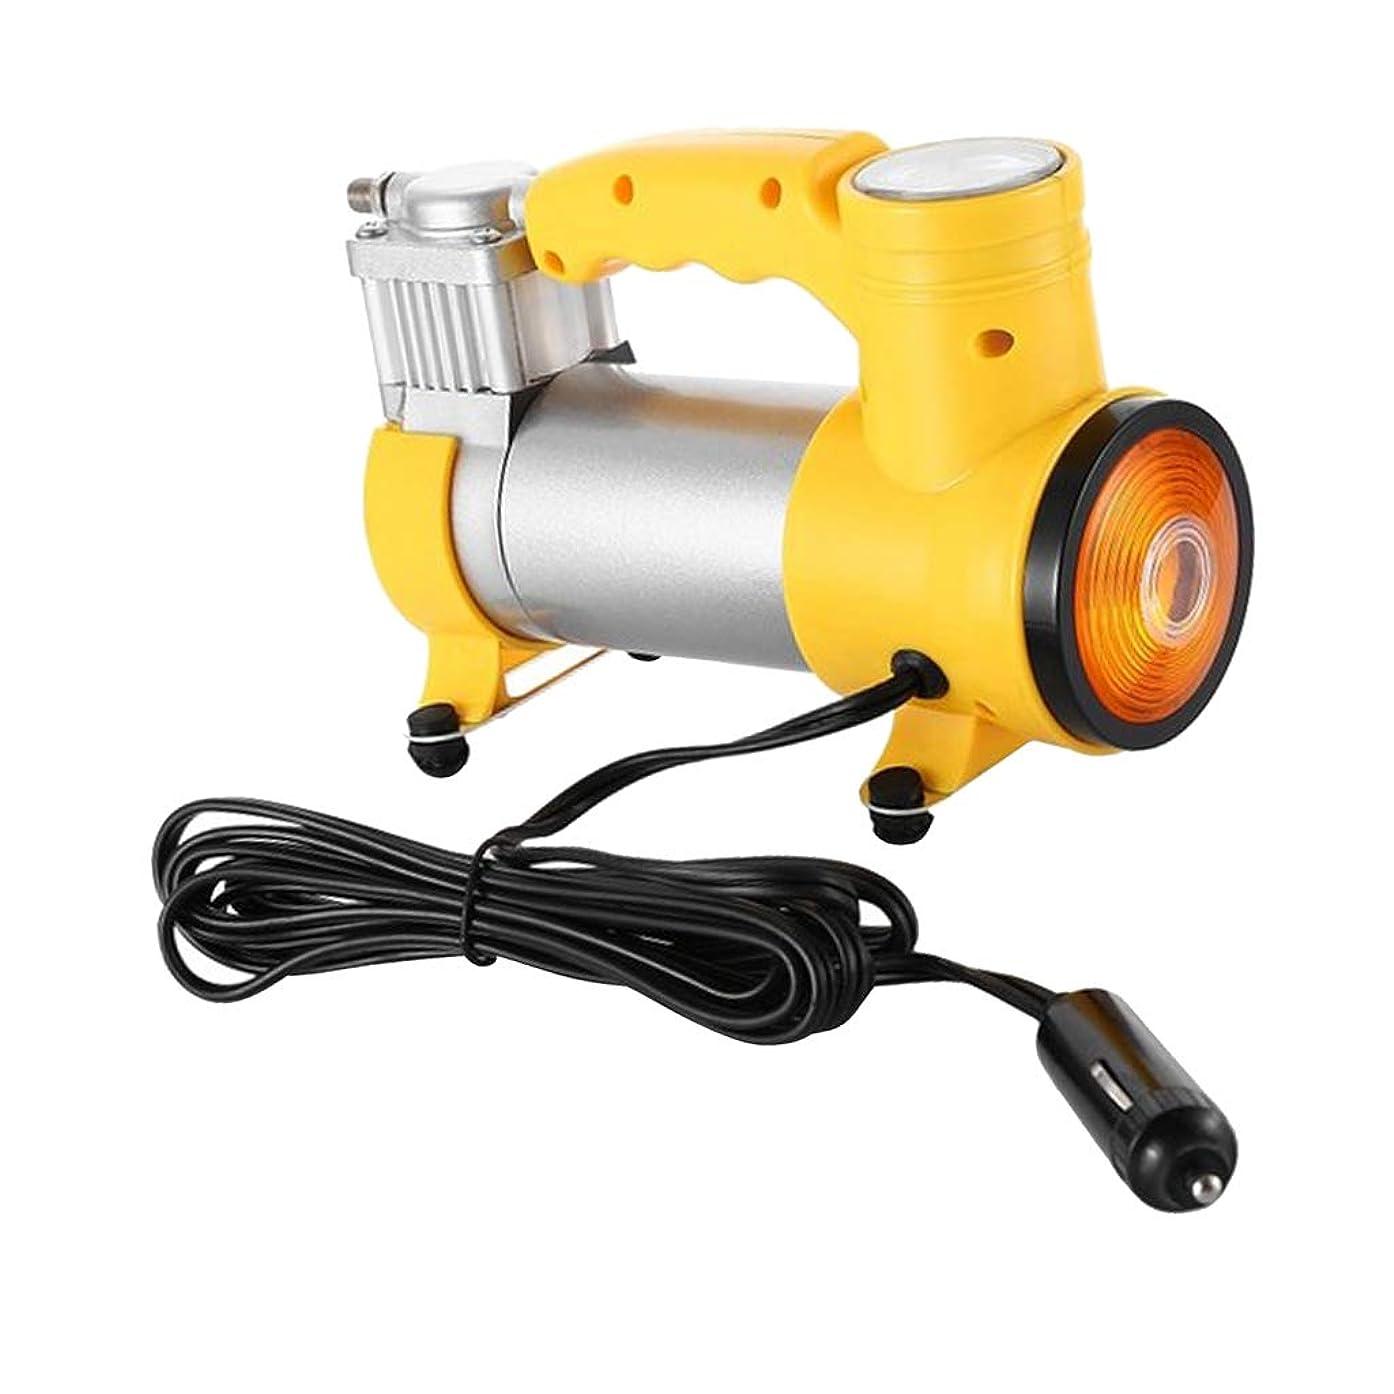 ウミウシ後方アレルギー性カー ボール おもちゃ用 タイヤインフレータ 小型 空気入れ エアポンプ 圧力計付き LEDライト付